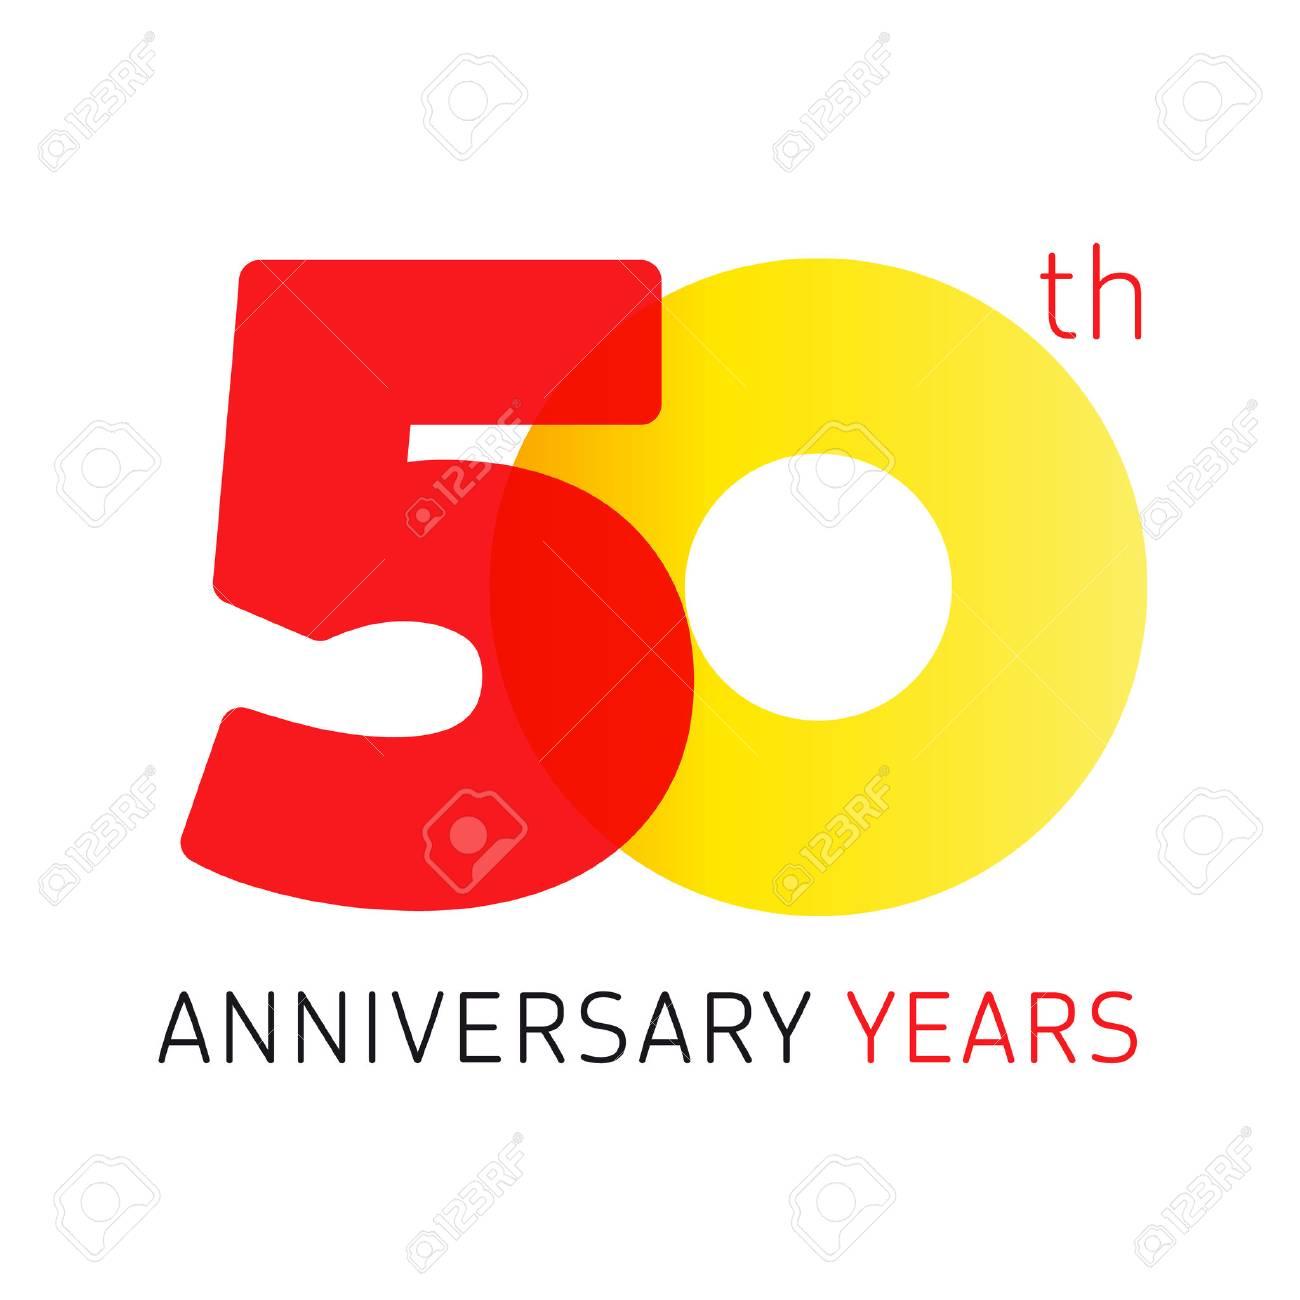 50 年古い古典的なロゴを祝いますベクトル数 50 Th 記念の年誕生日の